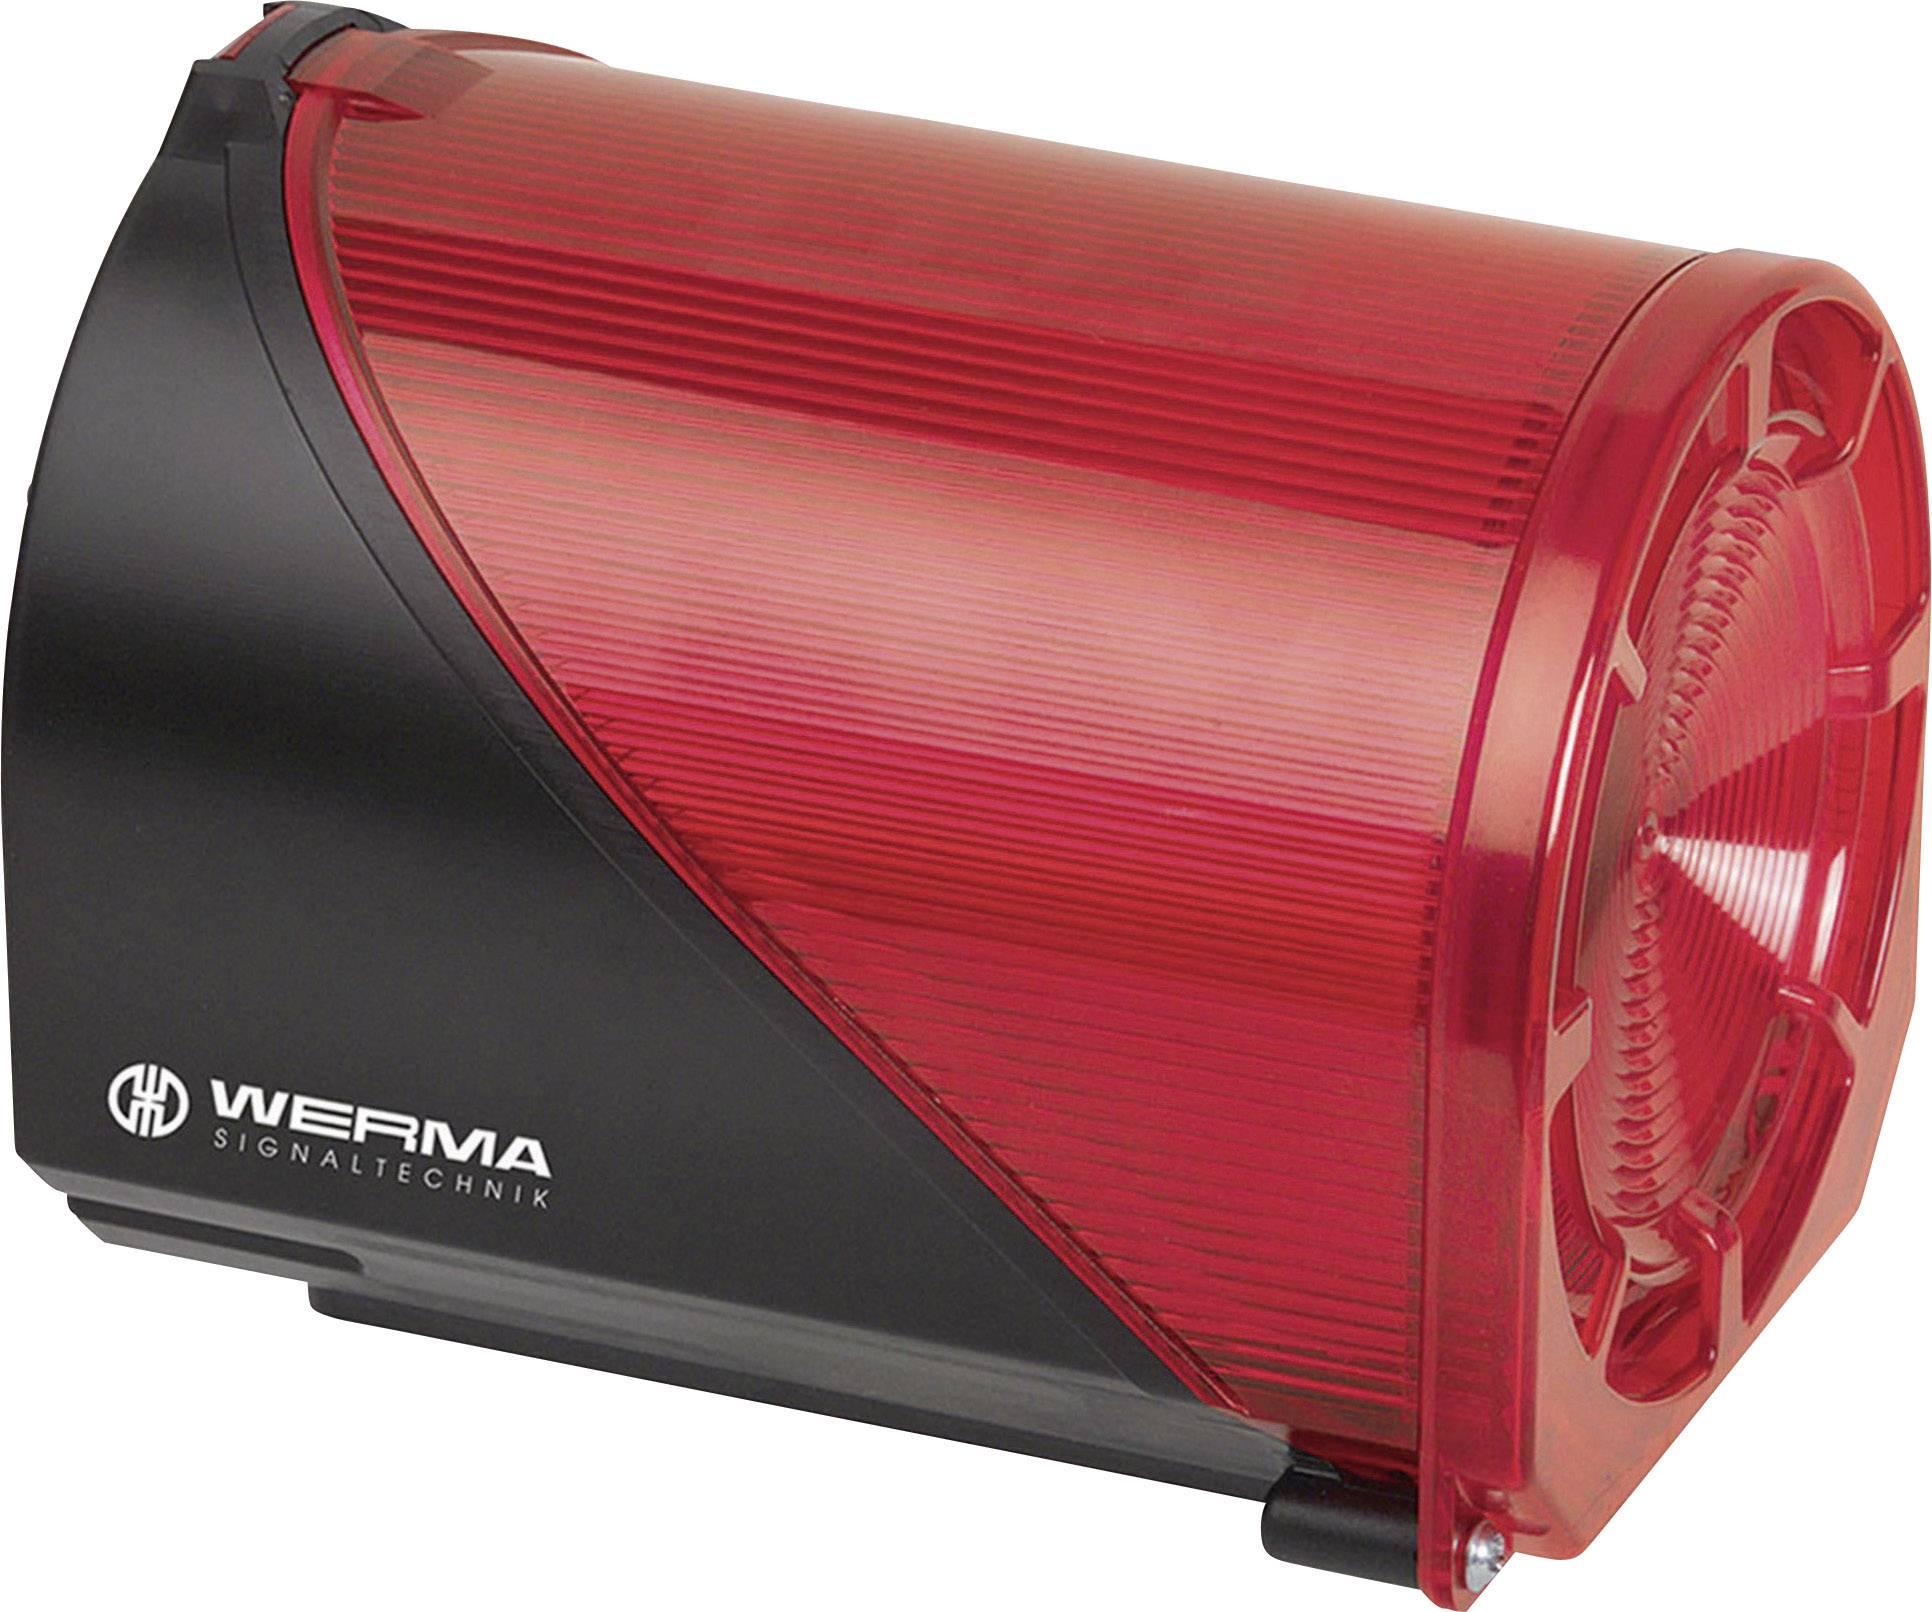 Kombinované signalizačné zariadenie Werma Signaltechnik 444.110.75, 114 dB, 24 V/DC, červená